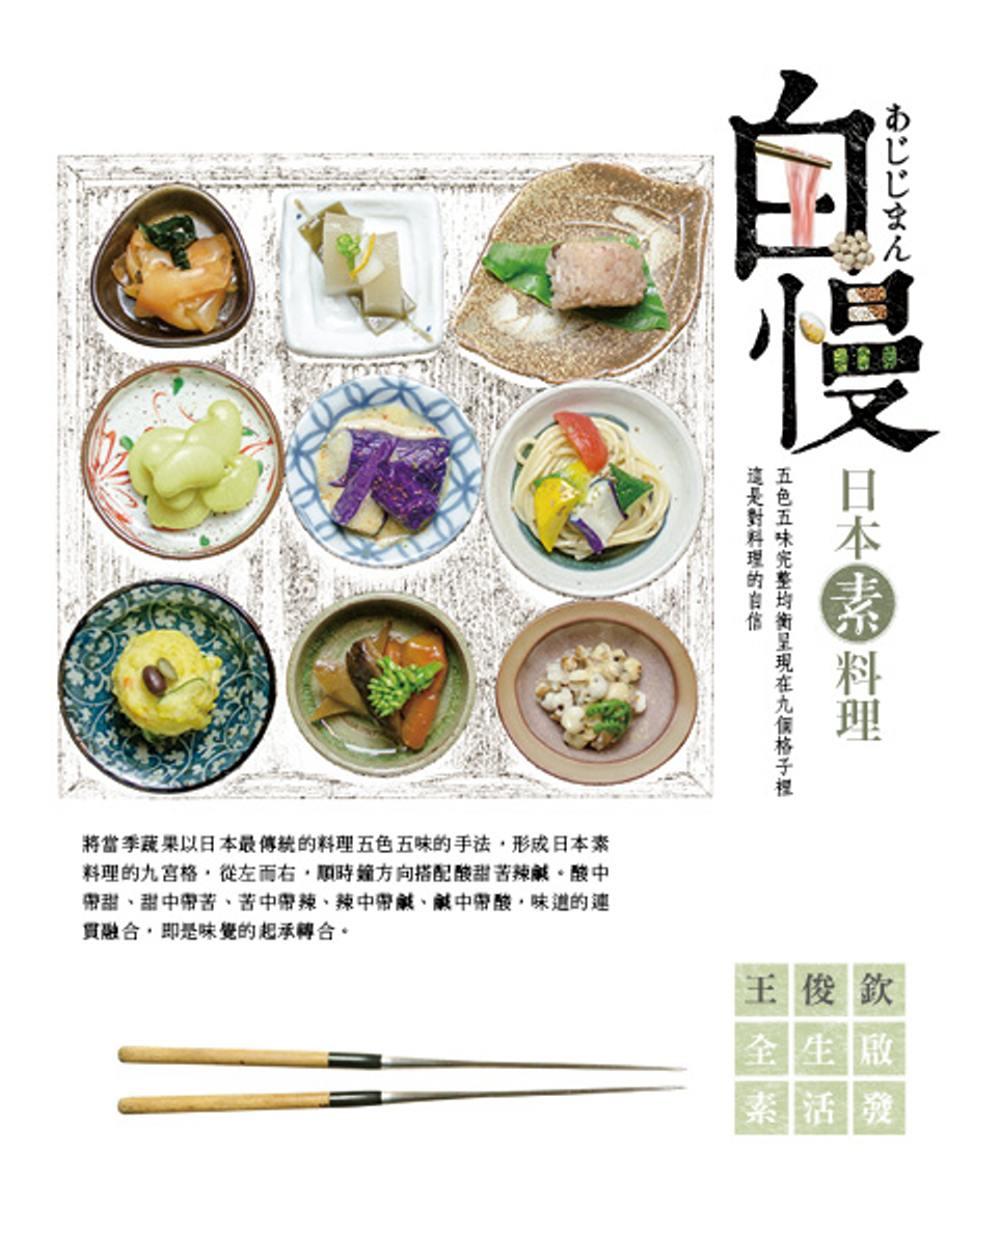 ◤博客來BOOKS◢ 暢銷書榜《推薦》自慢 日本素料理